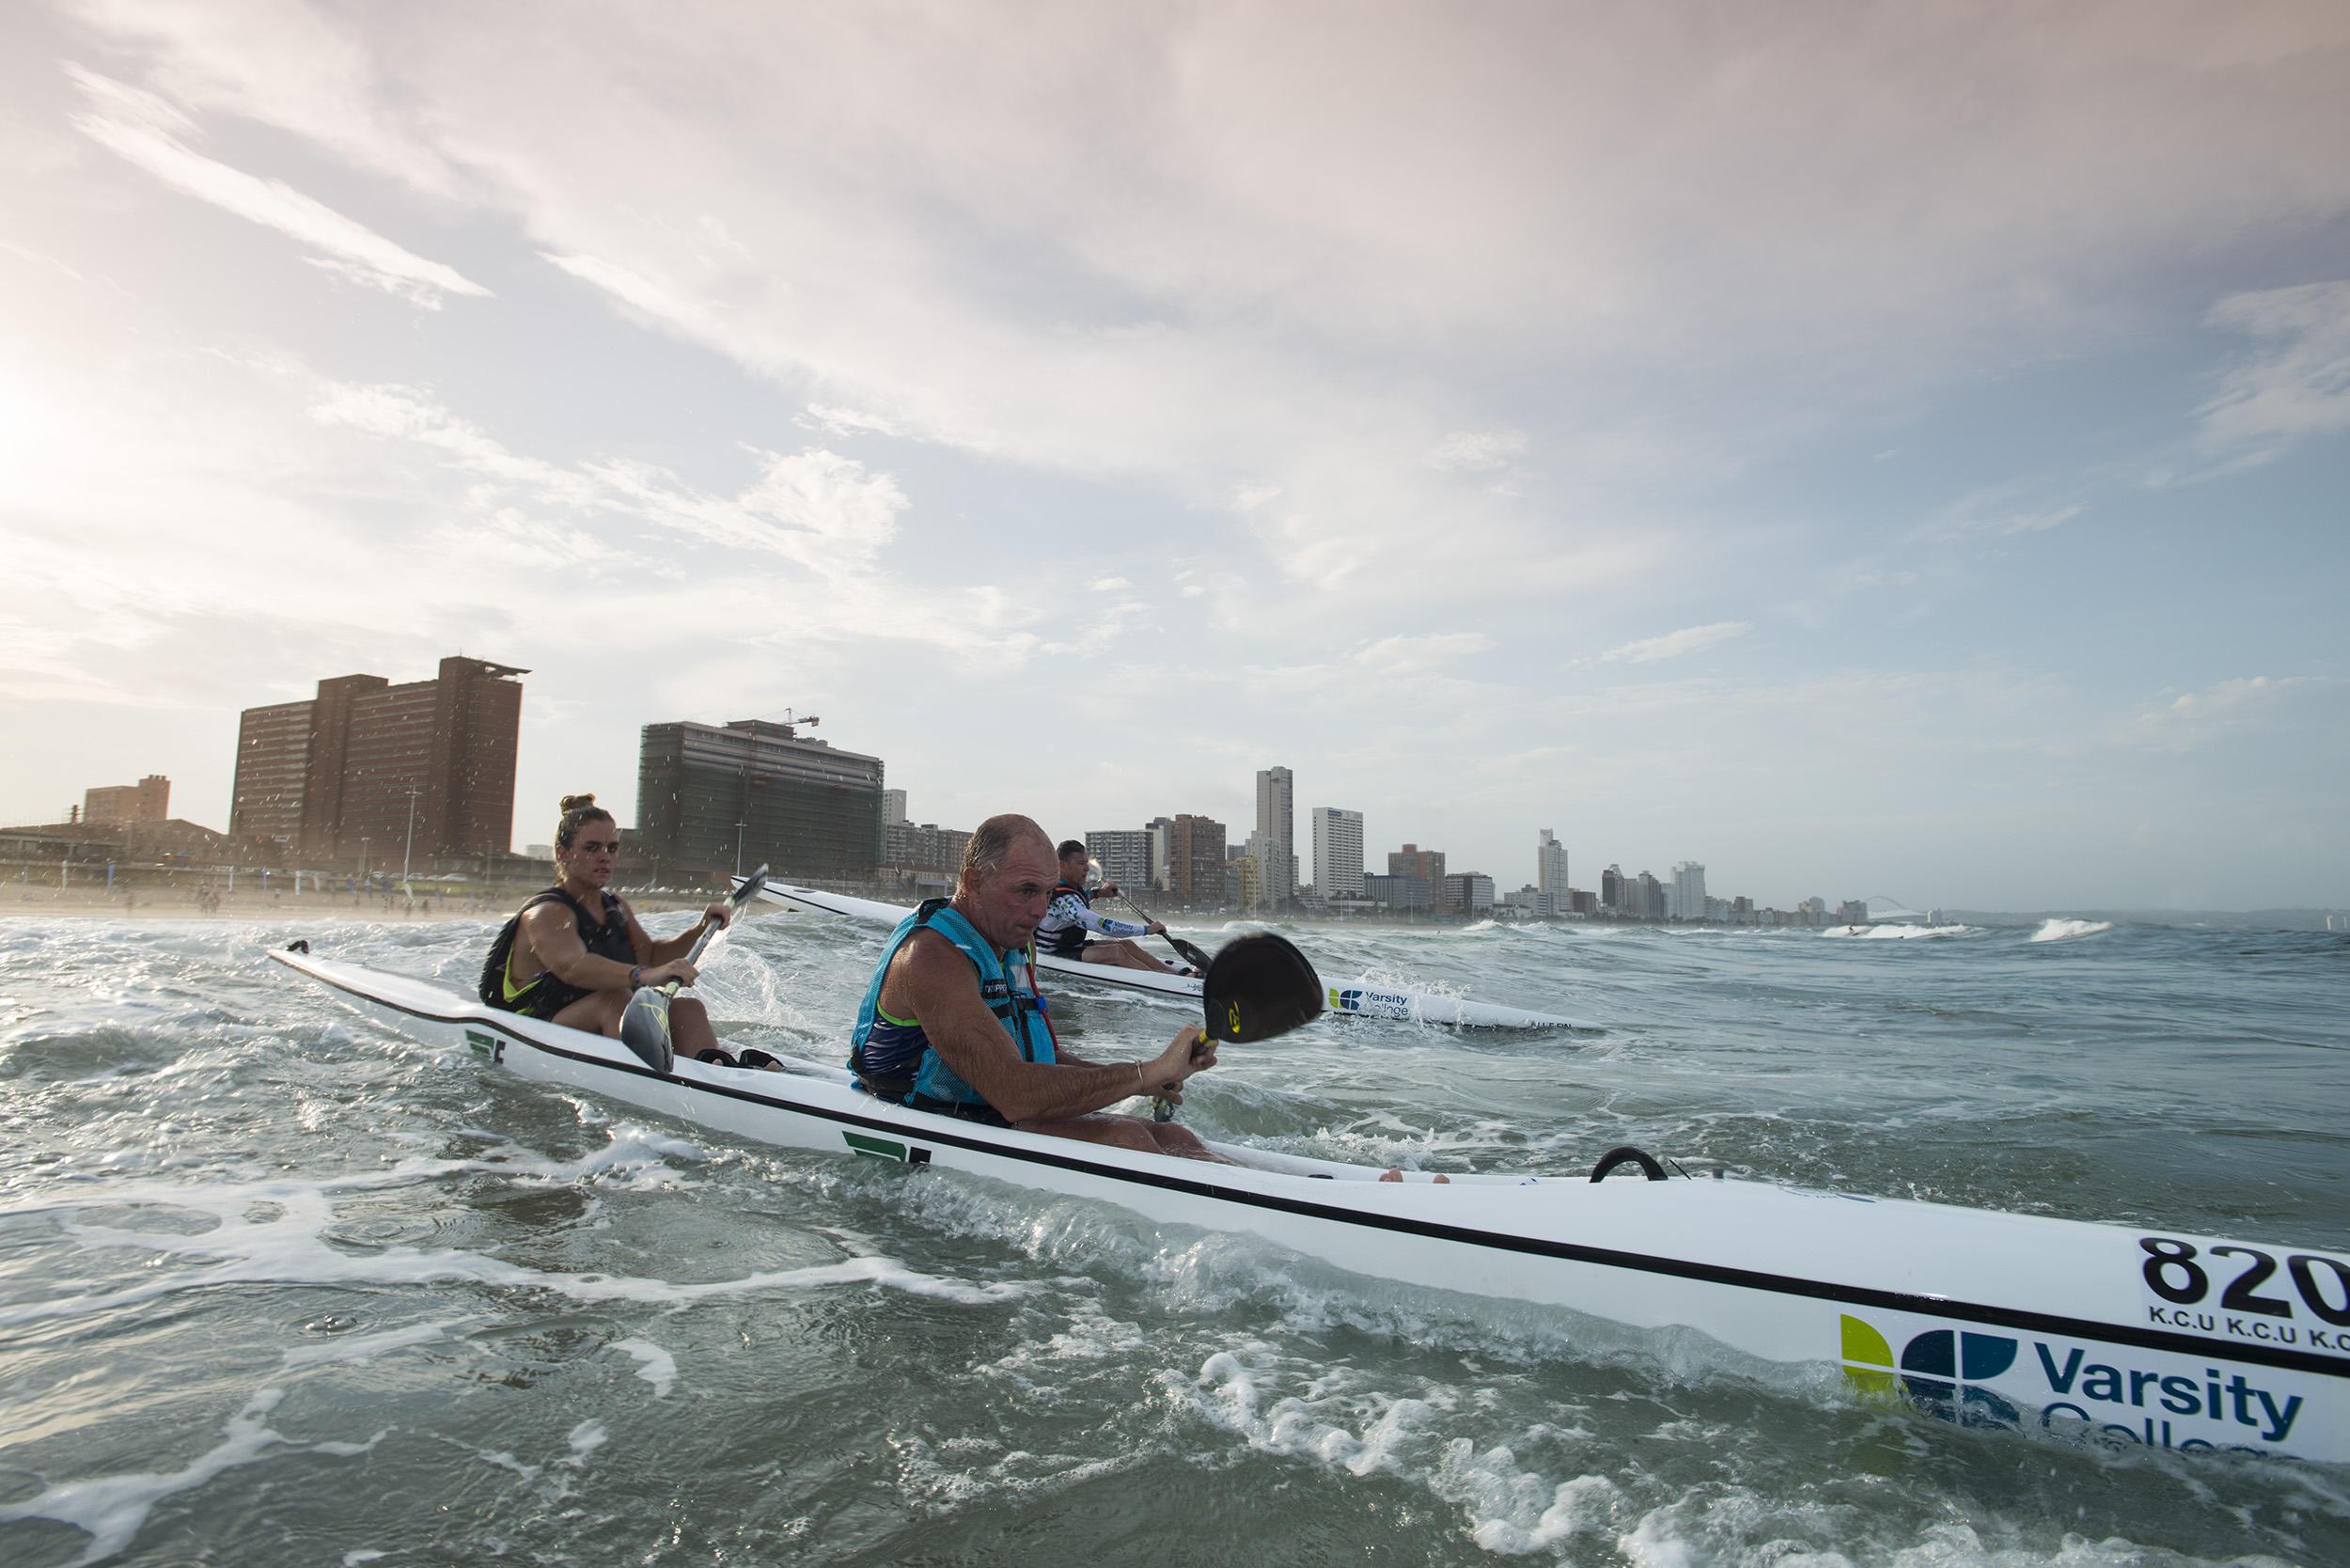 Varsity College Marine Surf Ski Series